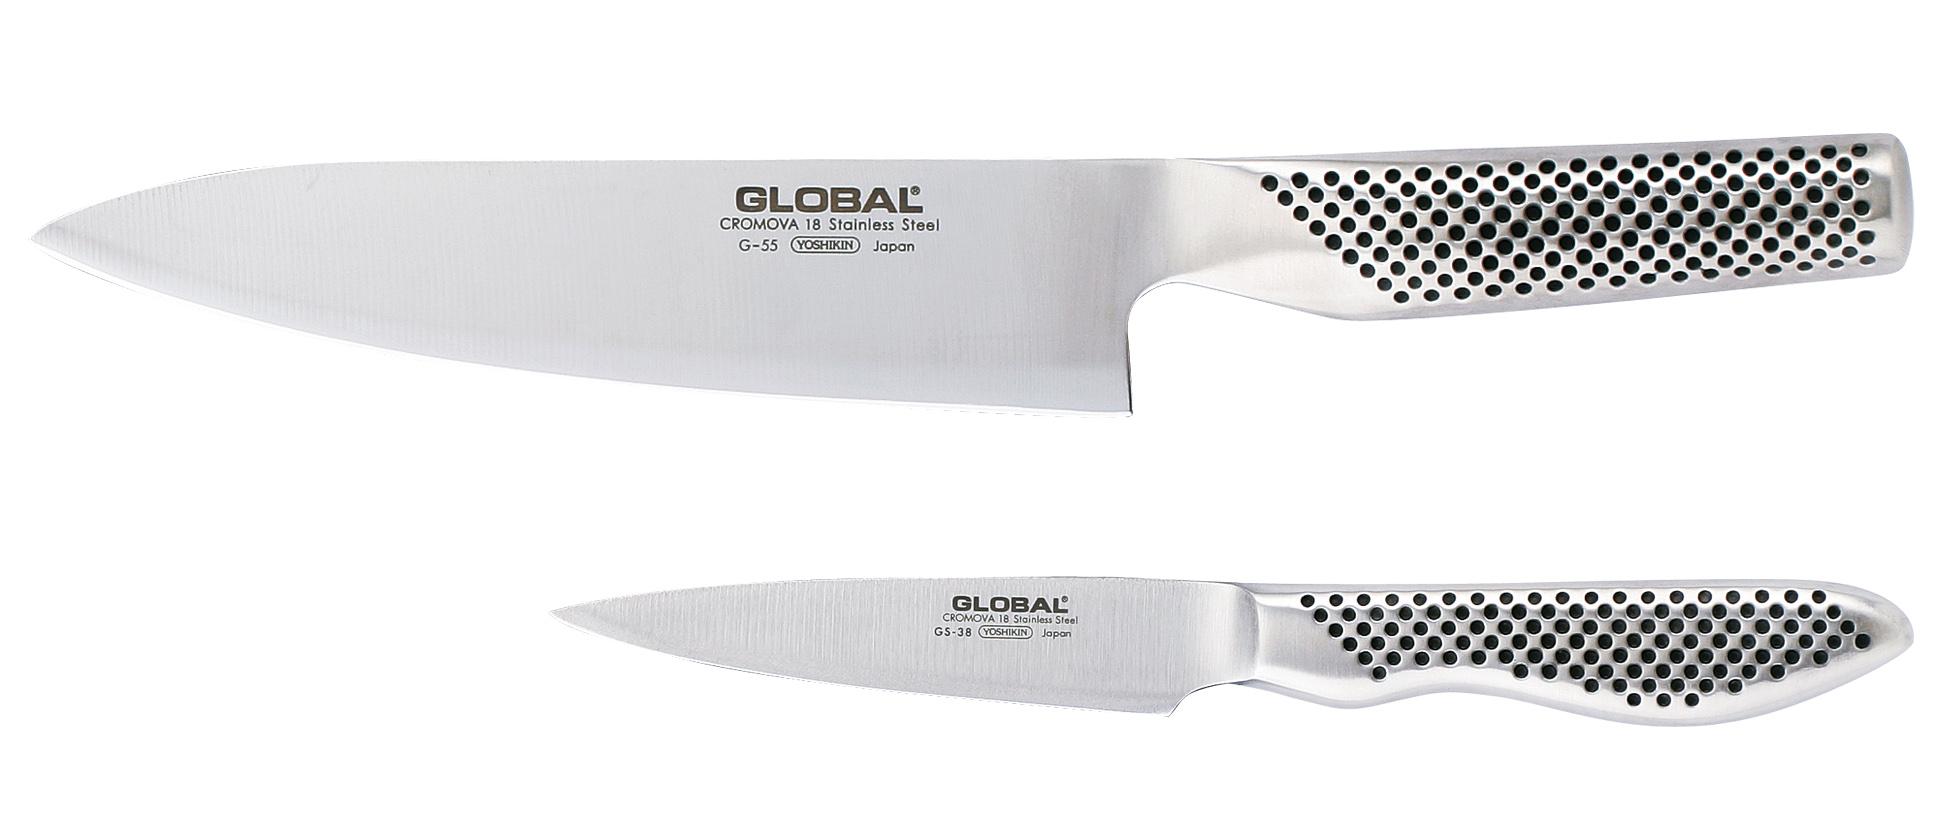 Global Knivsett G-5538 med G-55 og GS-38